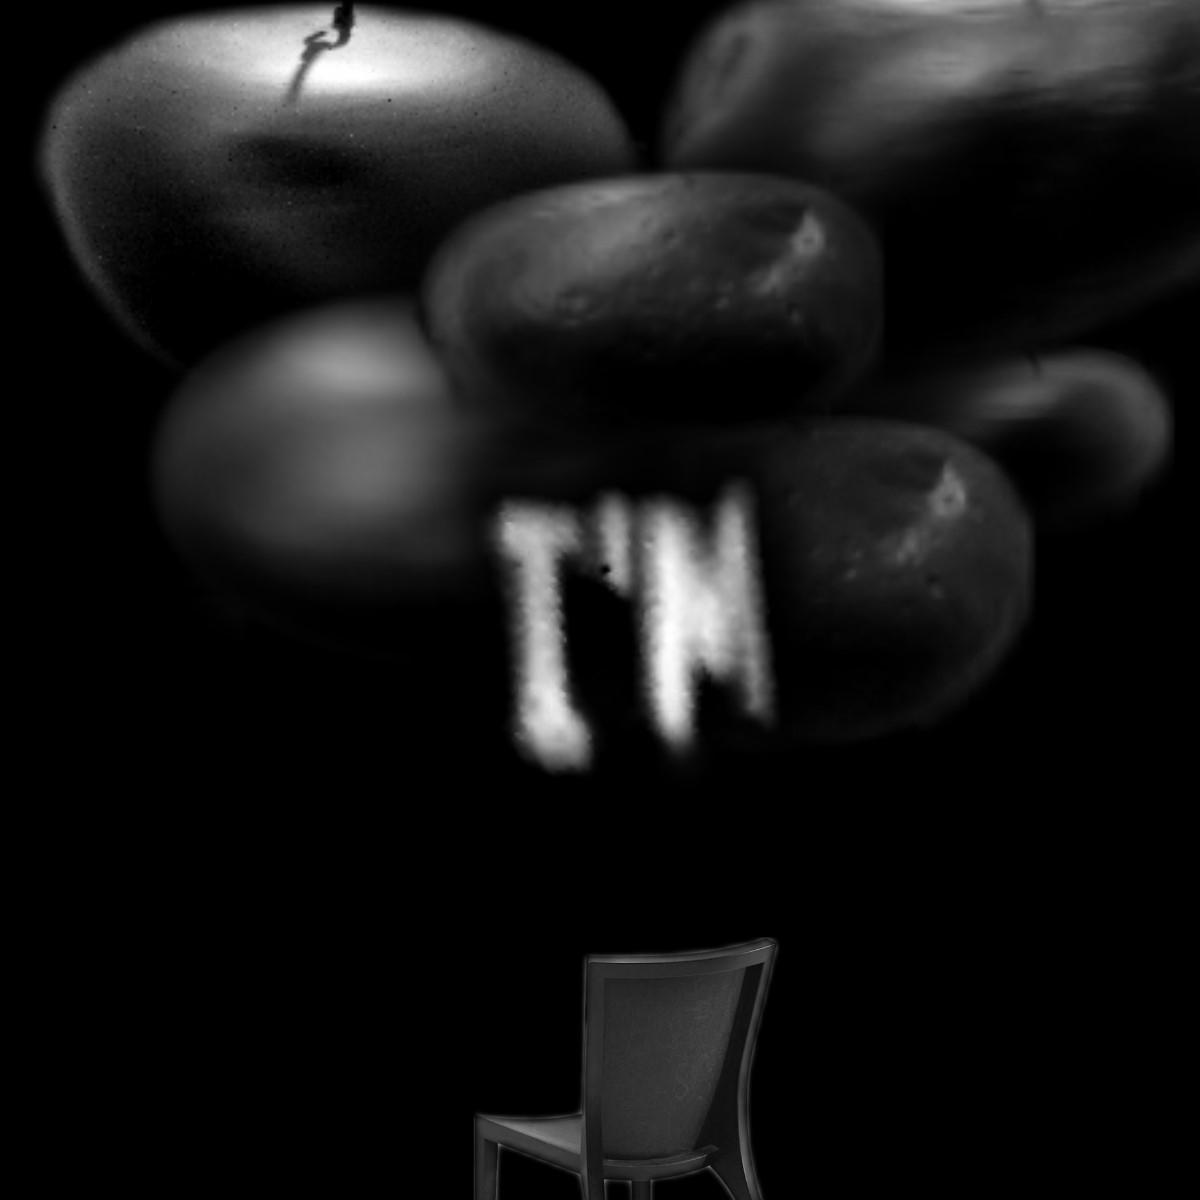 """Lichtinstallation """"I am"""", mit einem Stuhl, sieben Steinen, Licht, Stille und dem Gedicht """"one moment passes"""" von Robert Lax."""